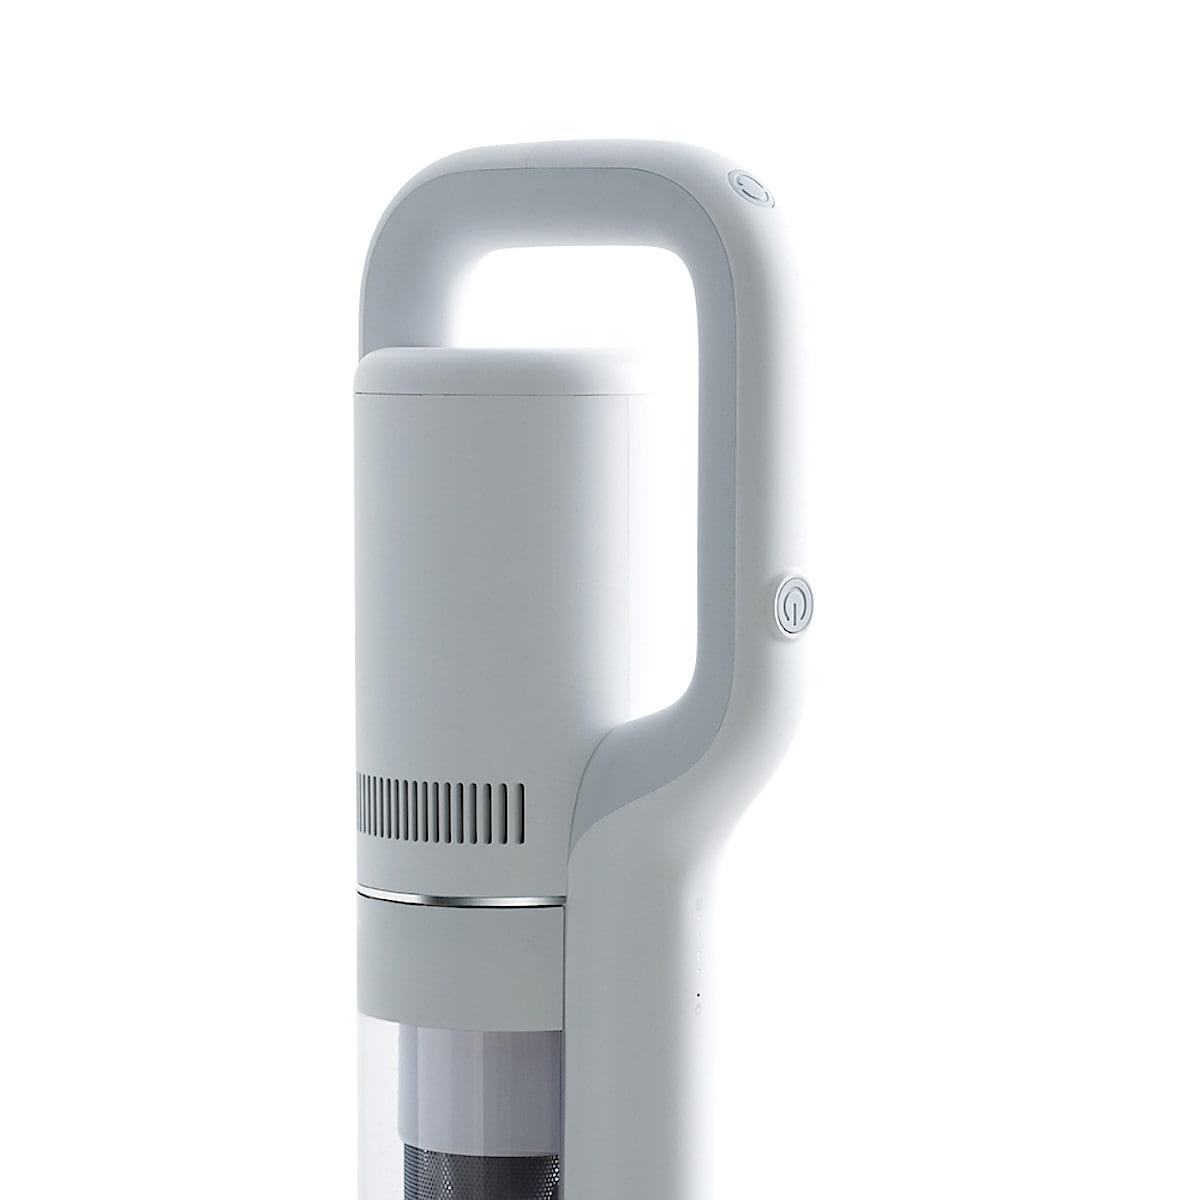 Roidmi S1E batteridreven skaftstøvsuger